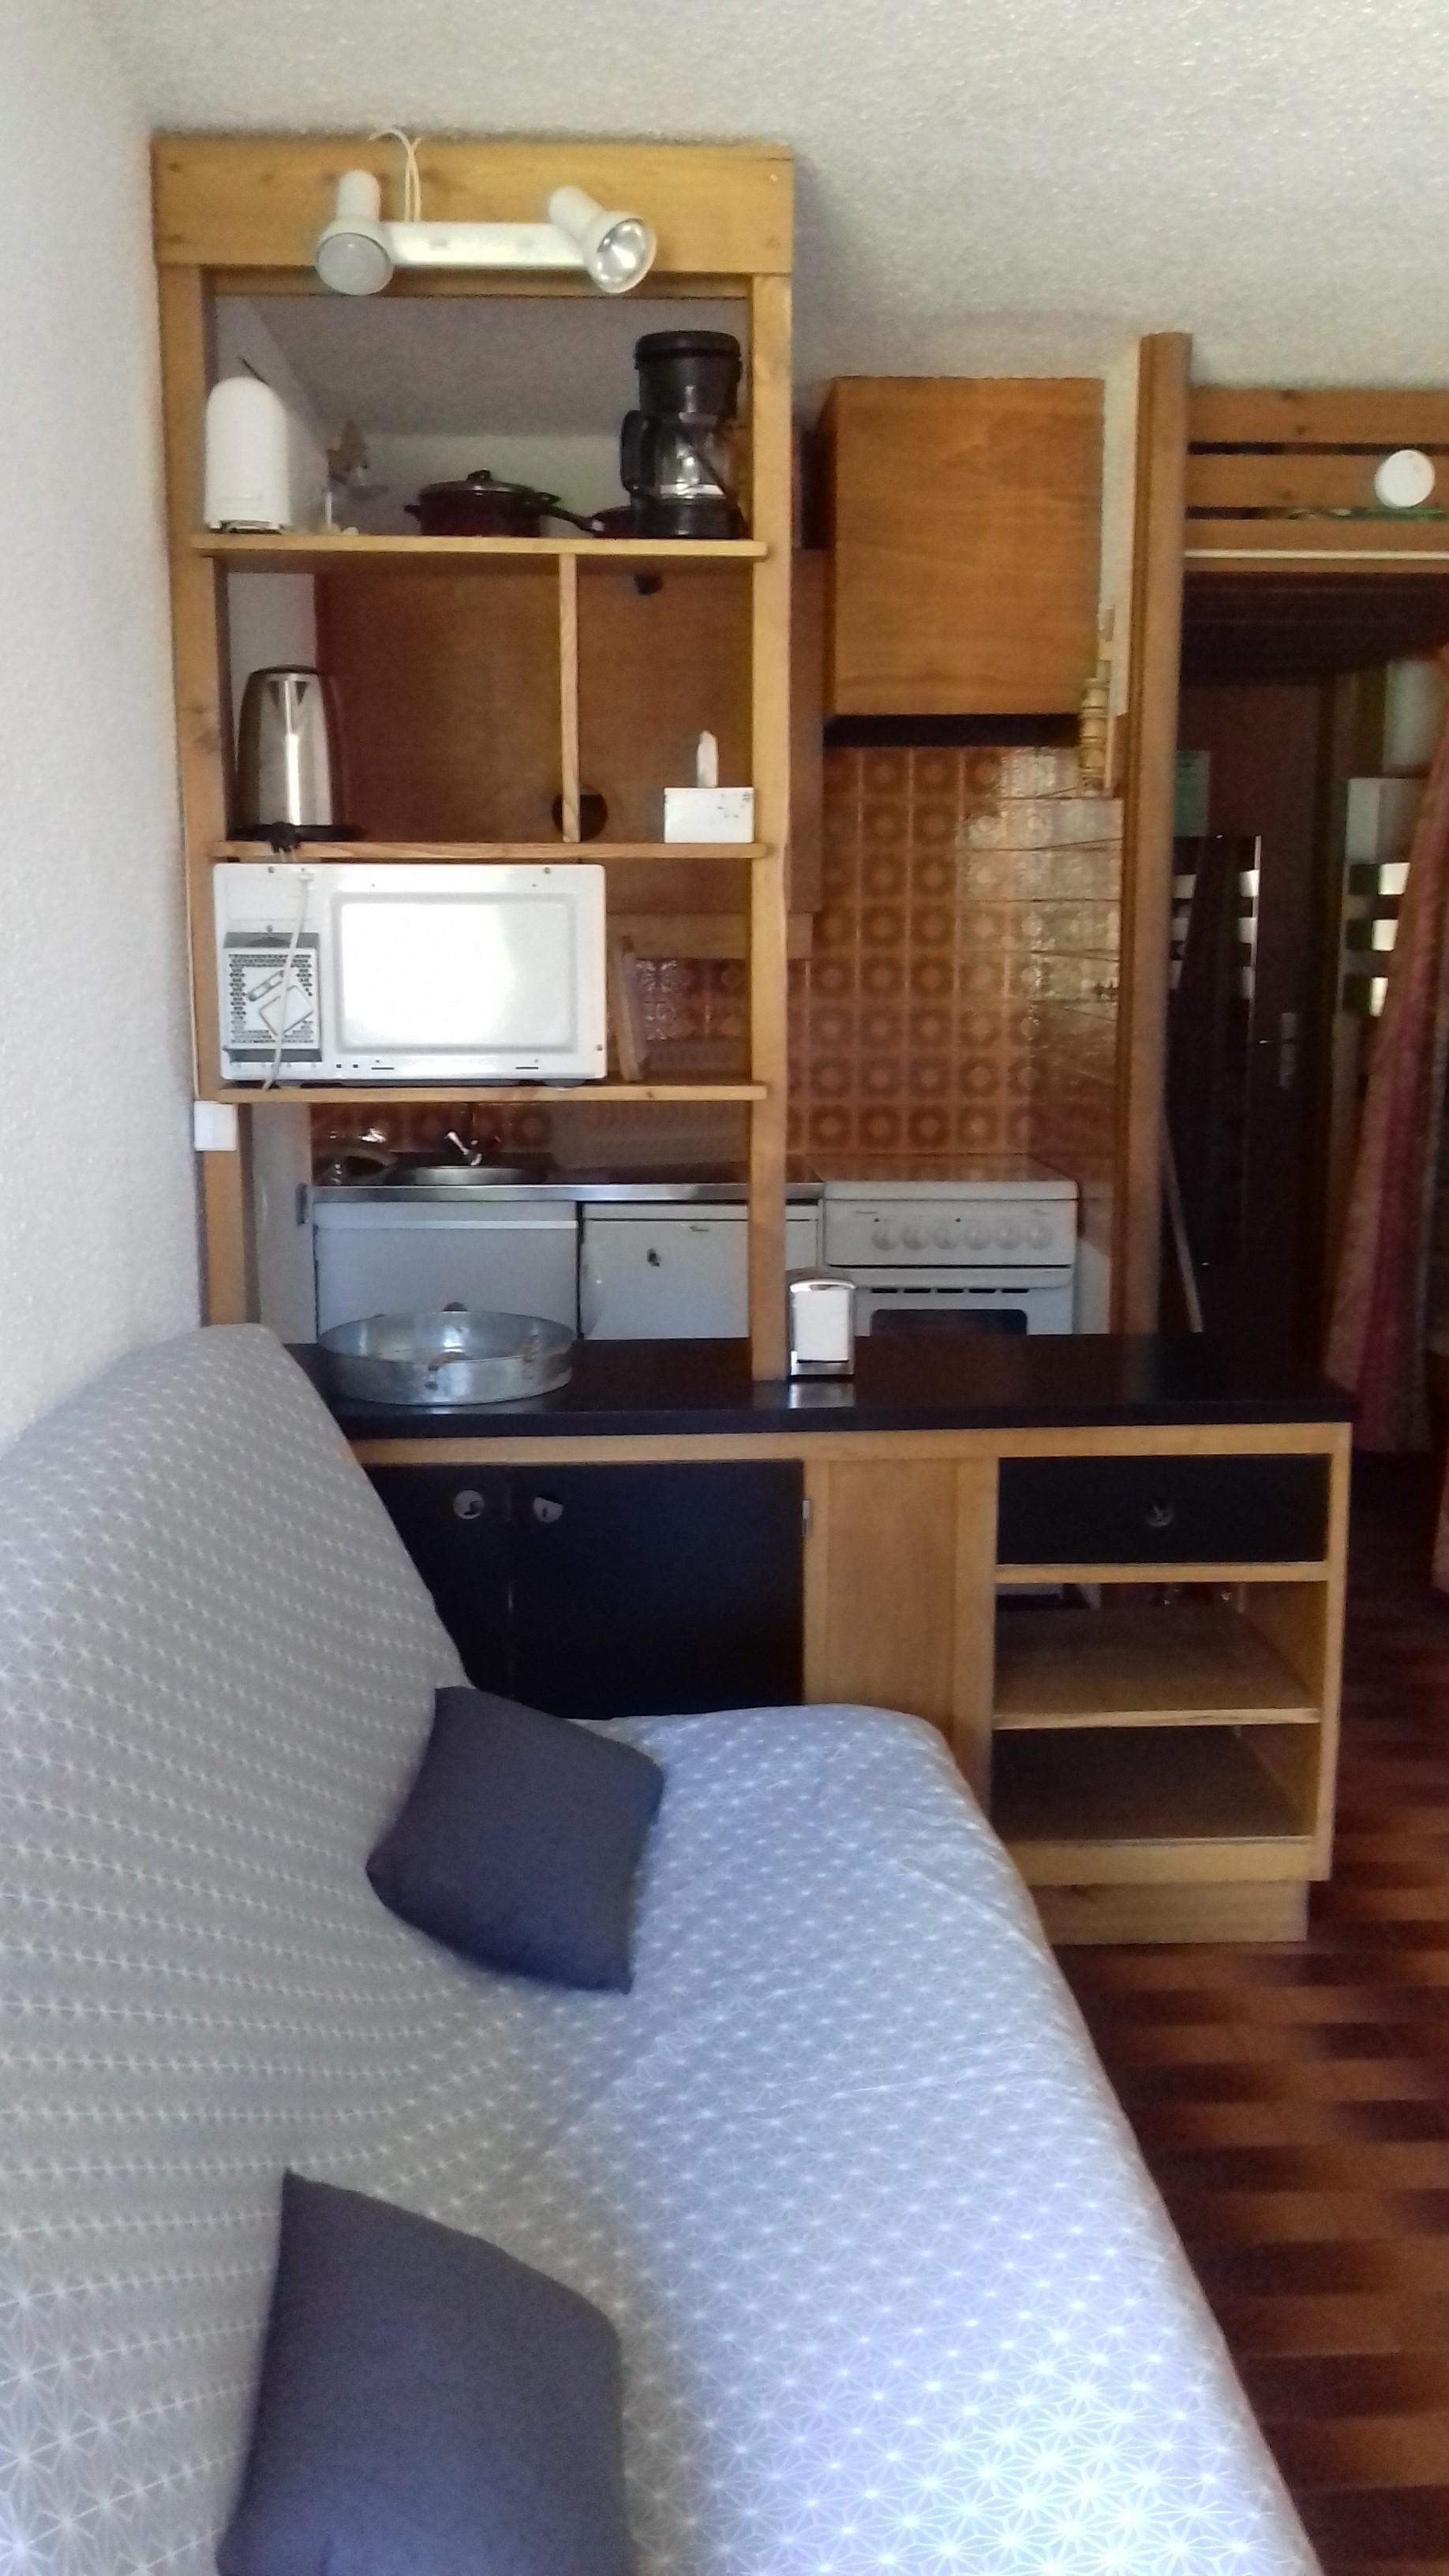 loiseau coin cuisine salon - ANCELLE STUDIO MONTAGNE 28 m2 (4/6 couchages)